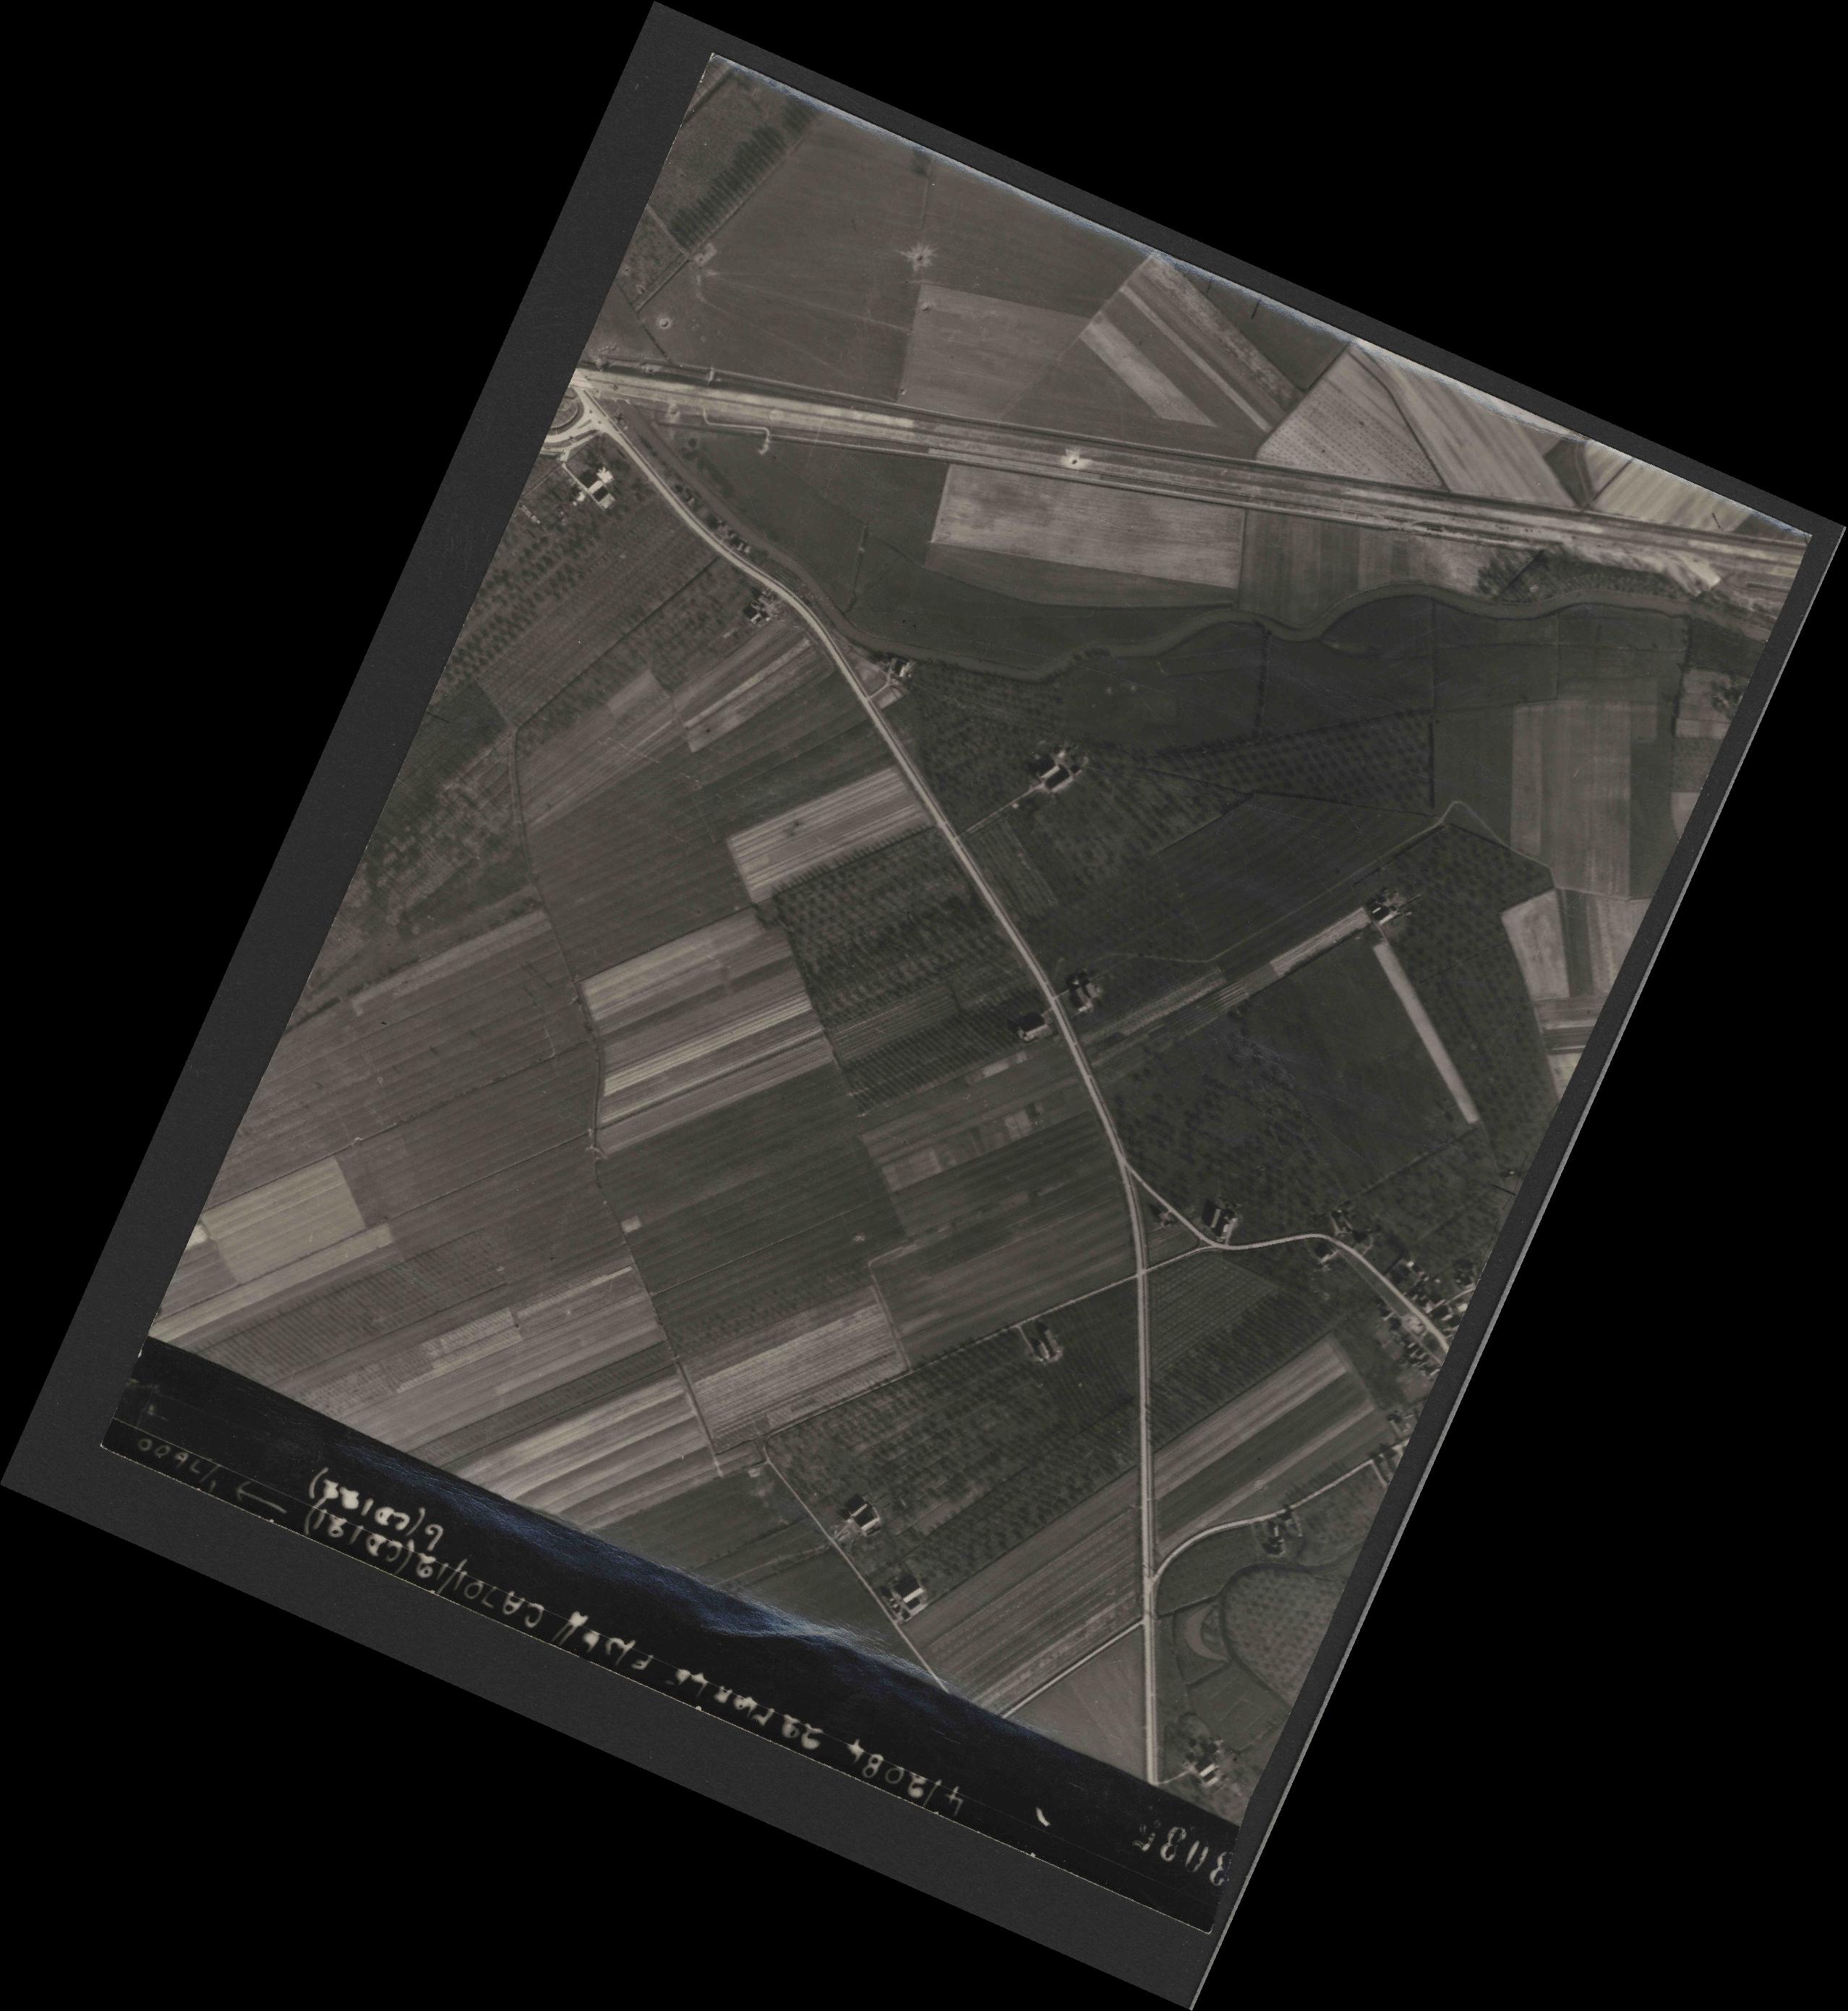 Collection RAF aerial photos 1940-1945 - flight 163, run 11, photo 3035